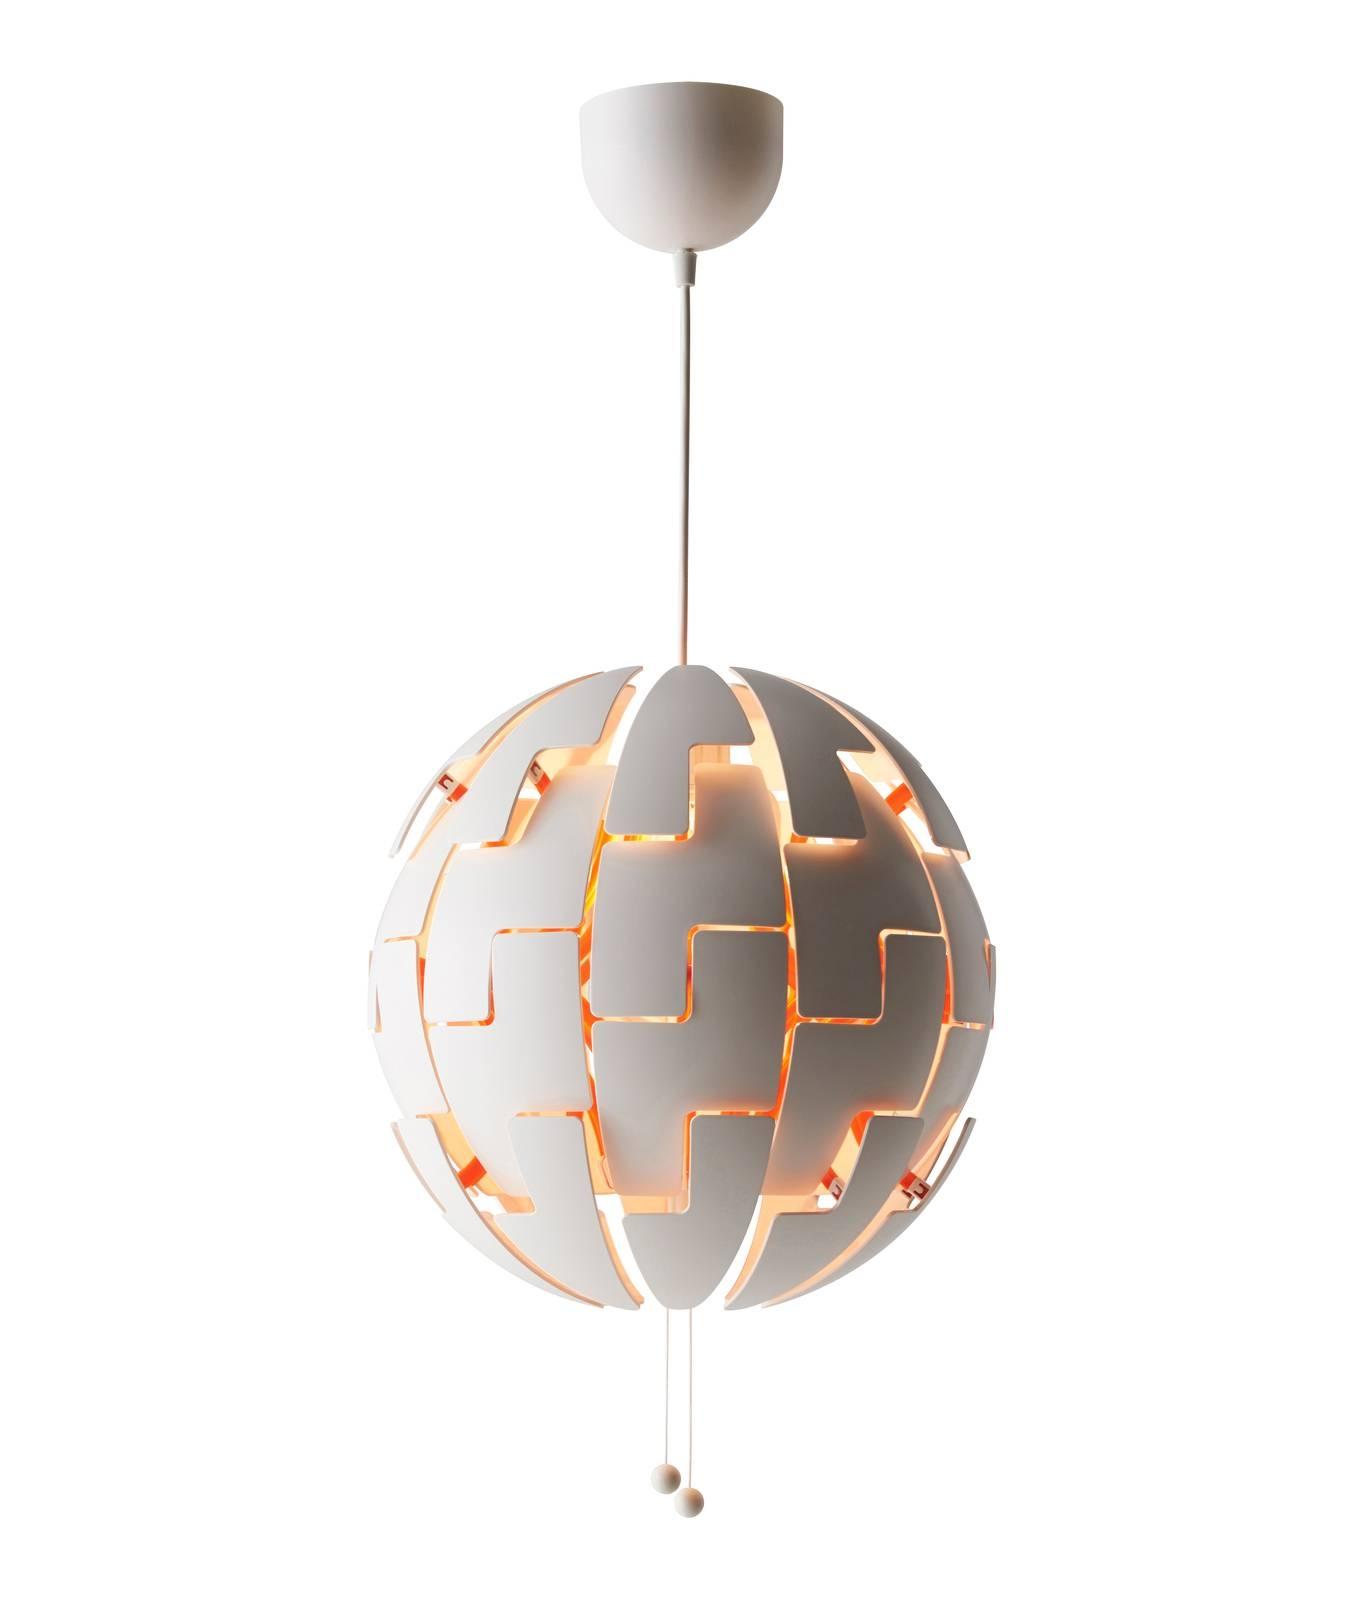 Pendant Lighting : Modern Pendant Light Ikea , Ikea Hanging in Ikea Lighting Pendants (Image 10 of 15)